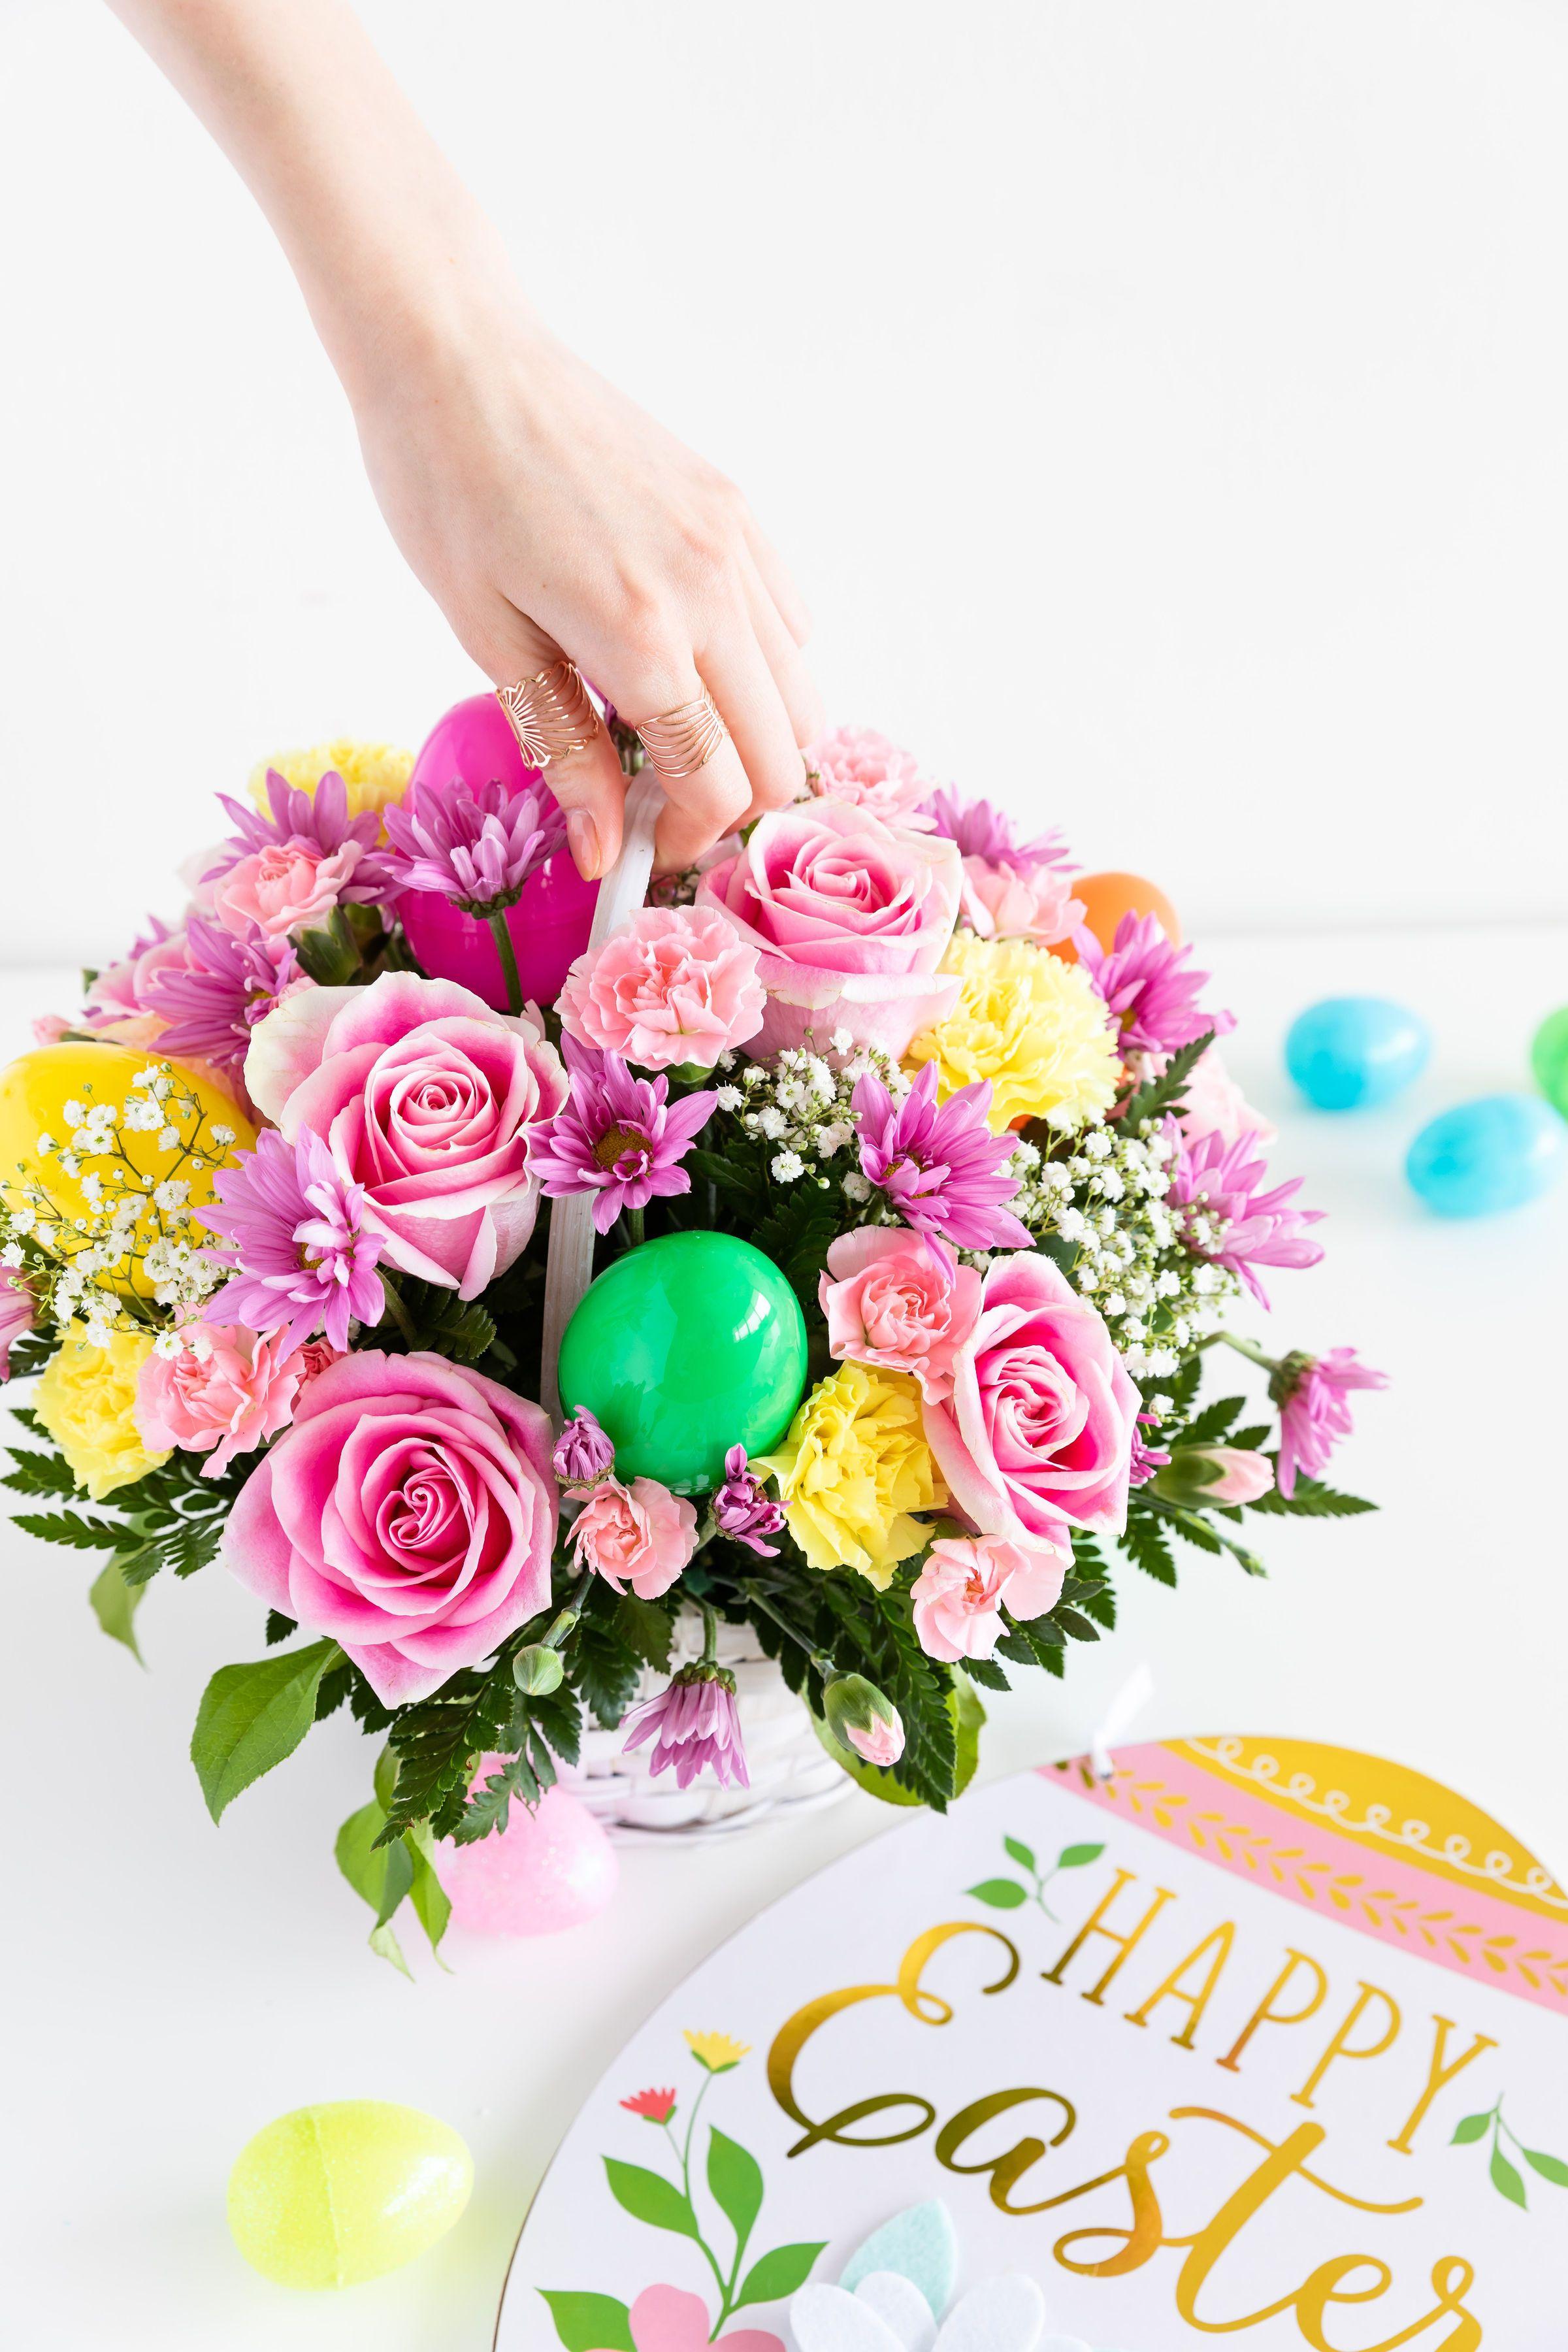 Easter Egg Basket Easter Flower Arrangements Easter Flowers Pink Easter Decor